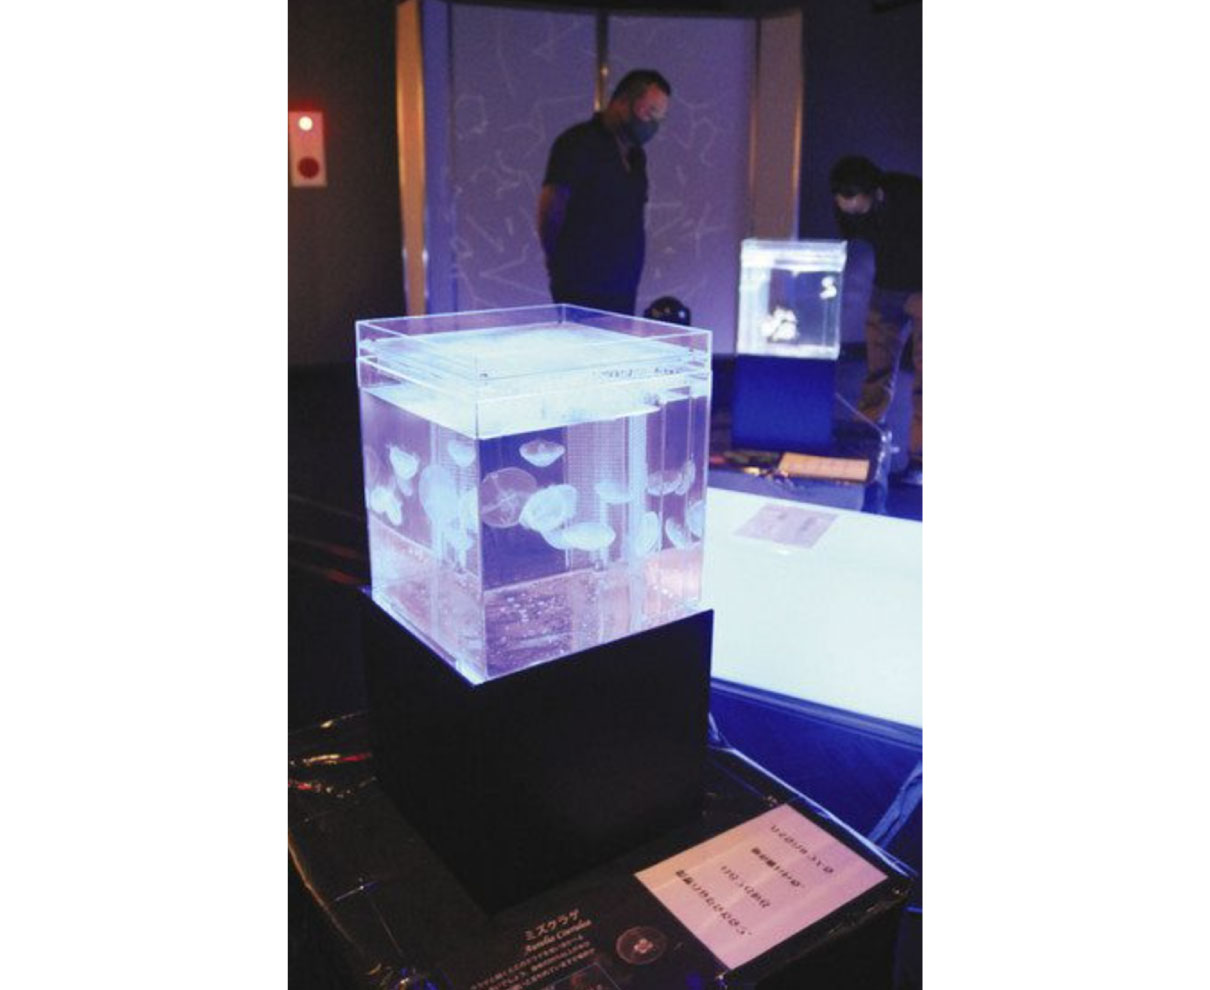 日本一短い手紙 クラゲとコラボ 丸岡で展示 癒やし空間演出